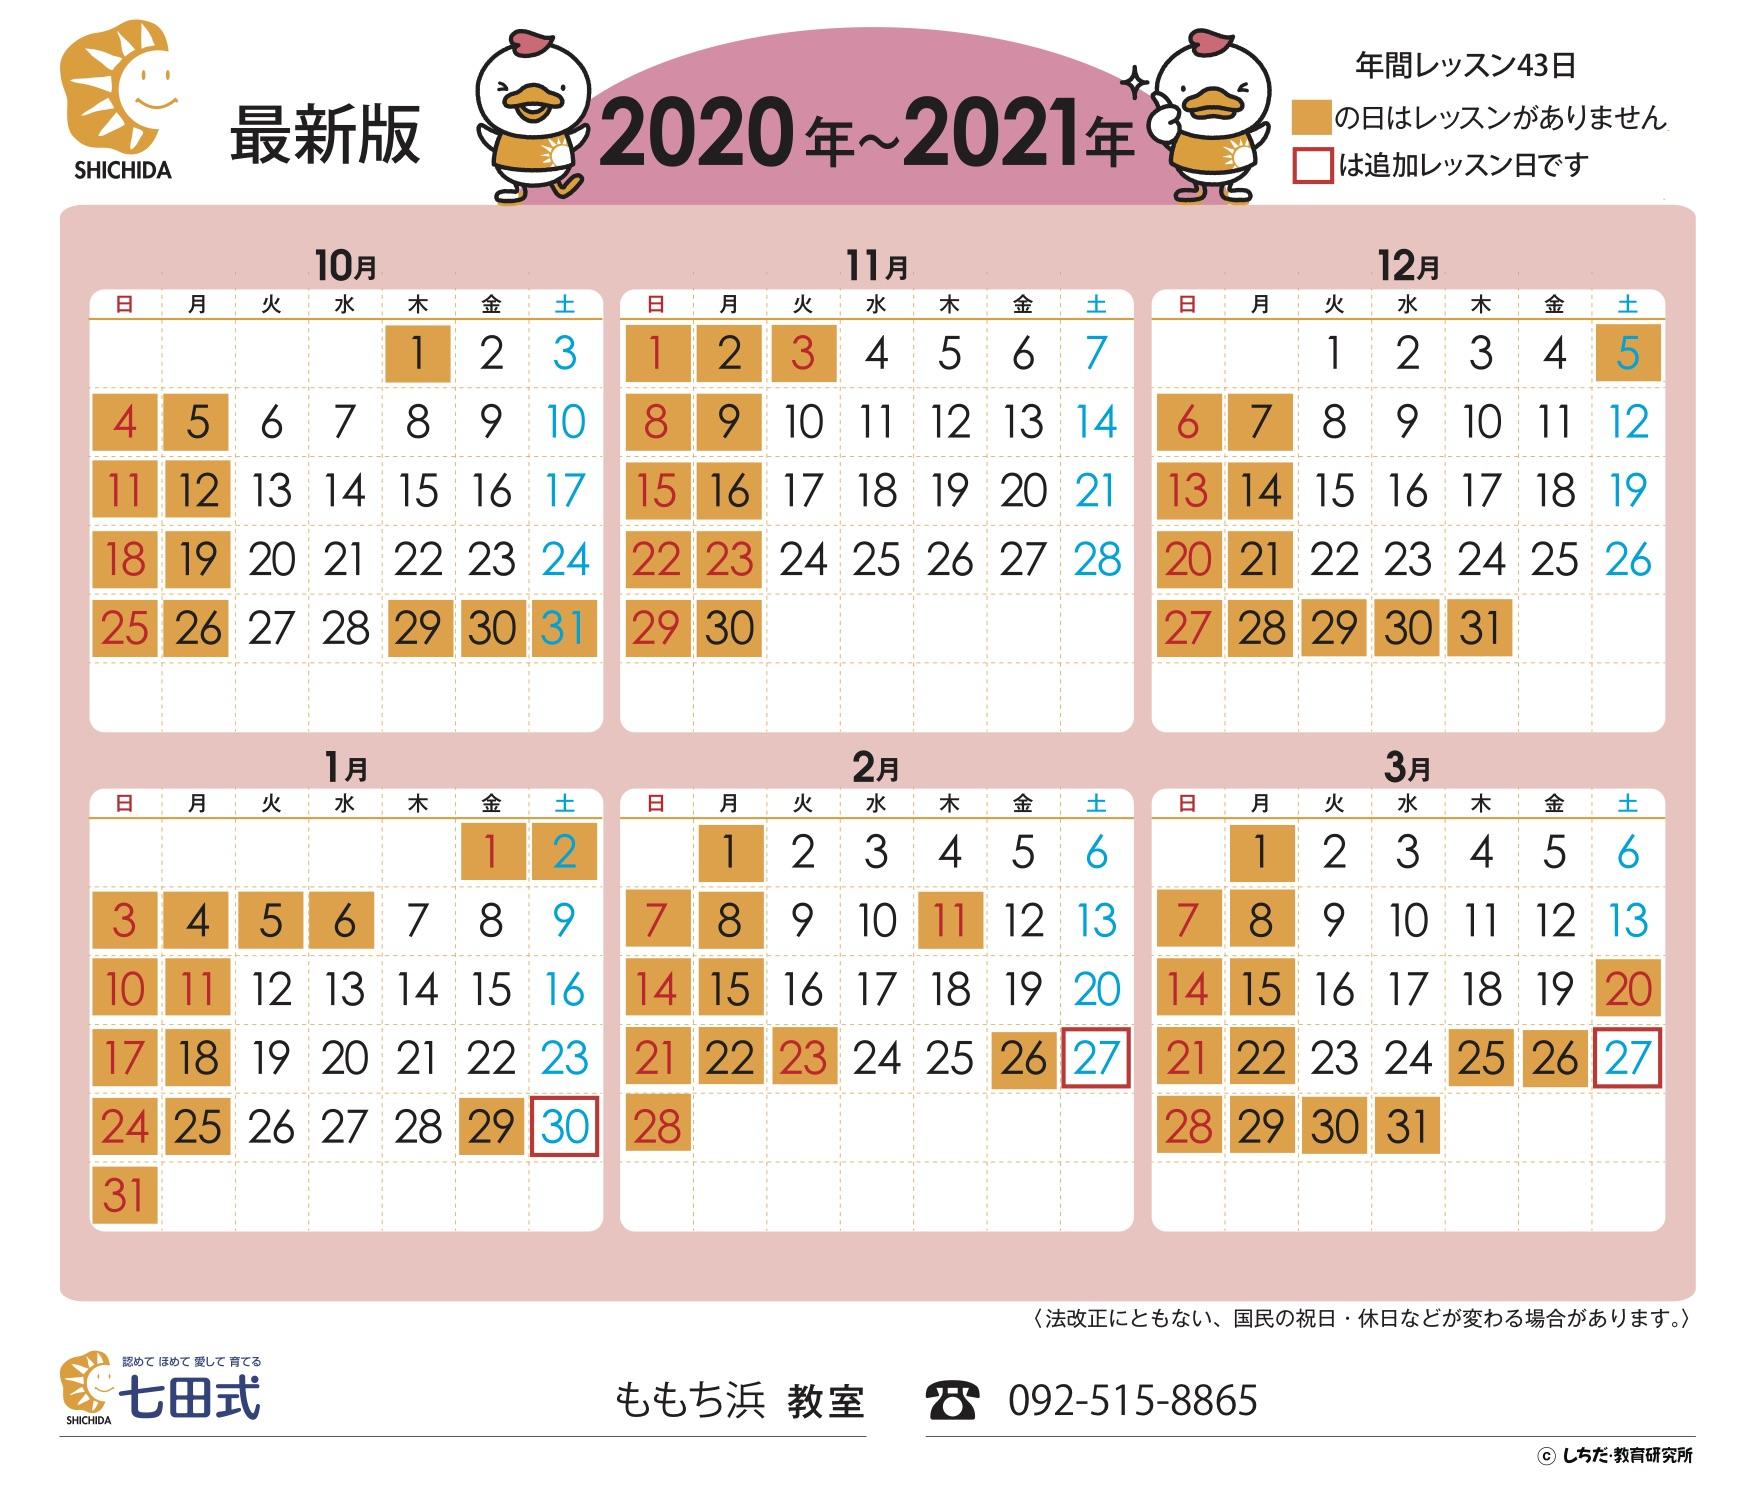 2020年下半期レッスンカレンダー